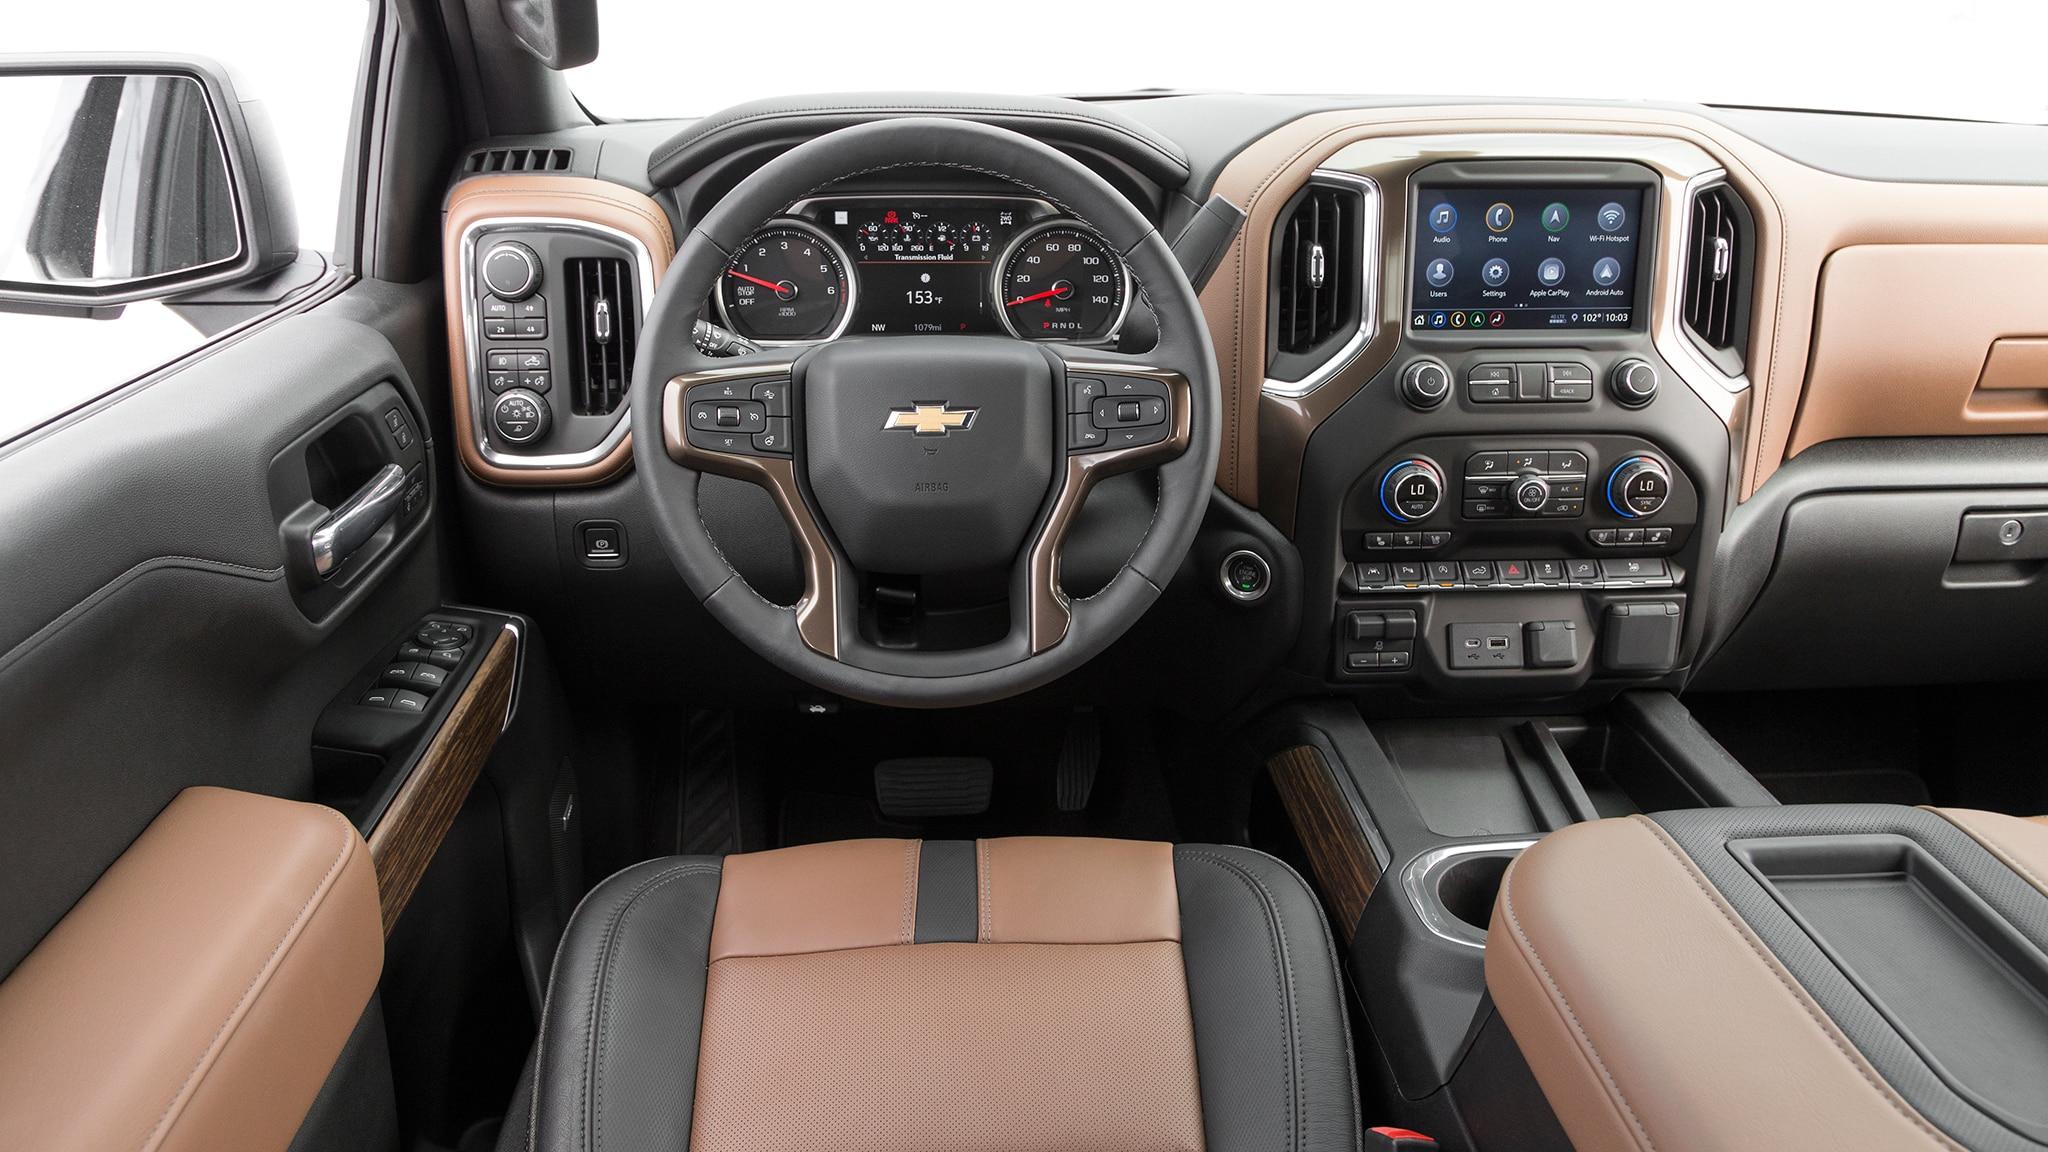 2019 Chevrolet Silverado High Country dashboard - Motor ...